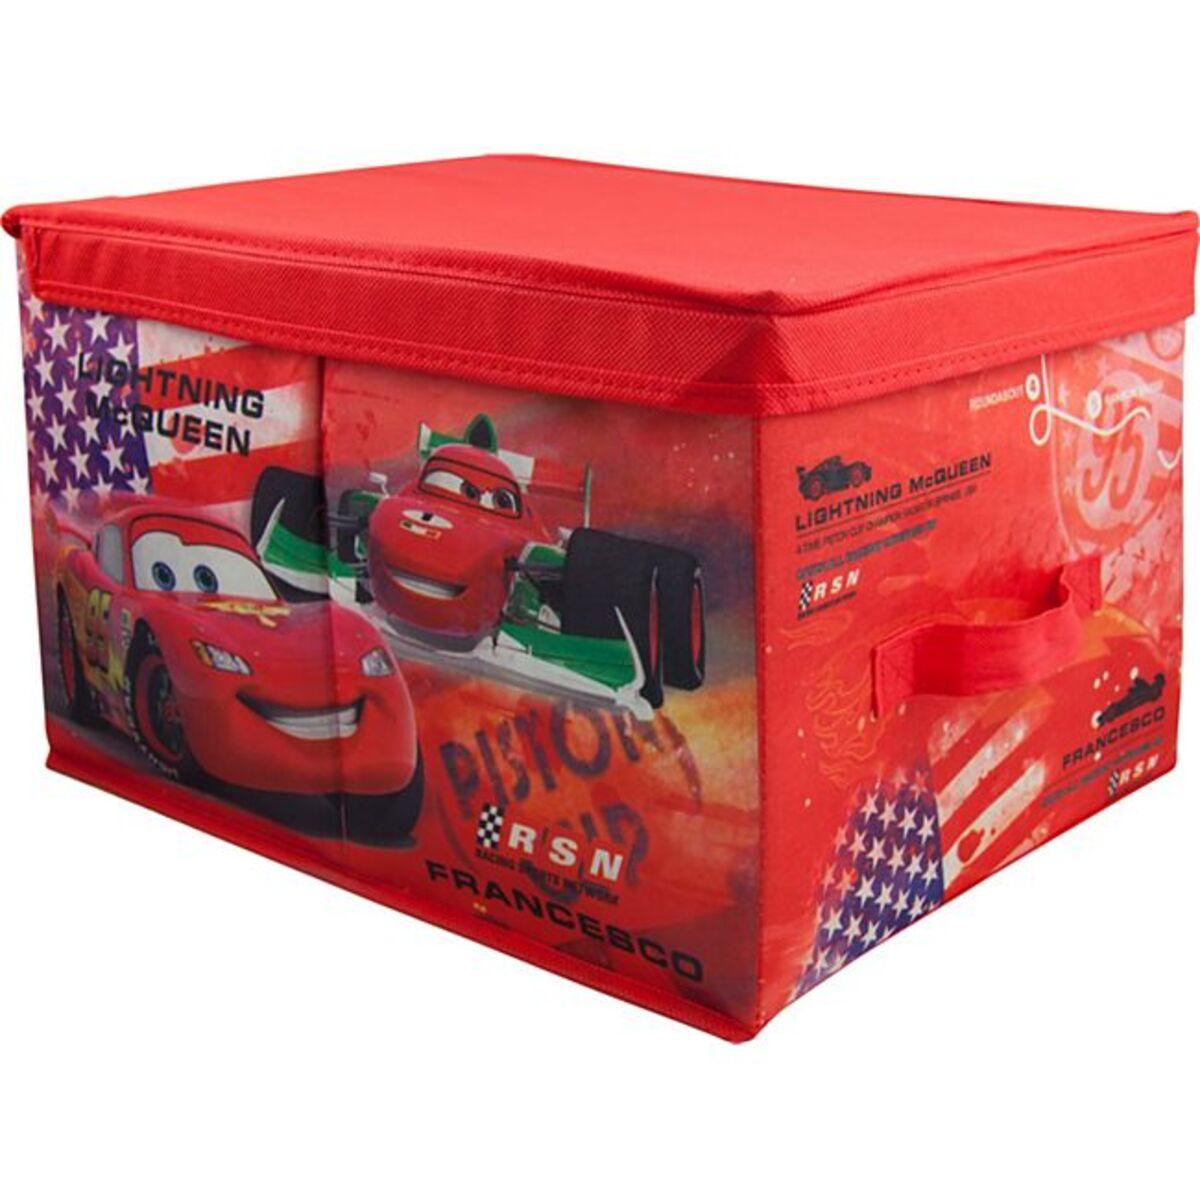 Bild 1 von Aufbewahrungsbox